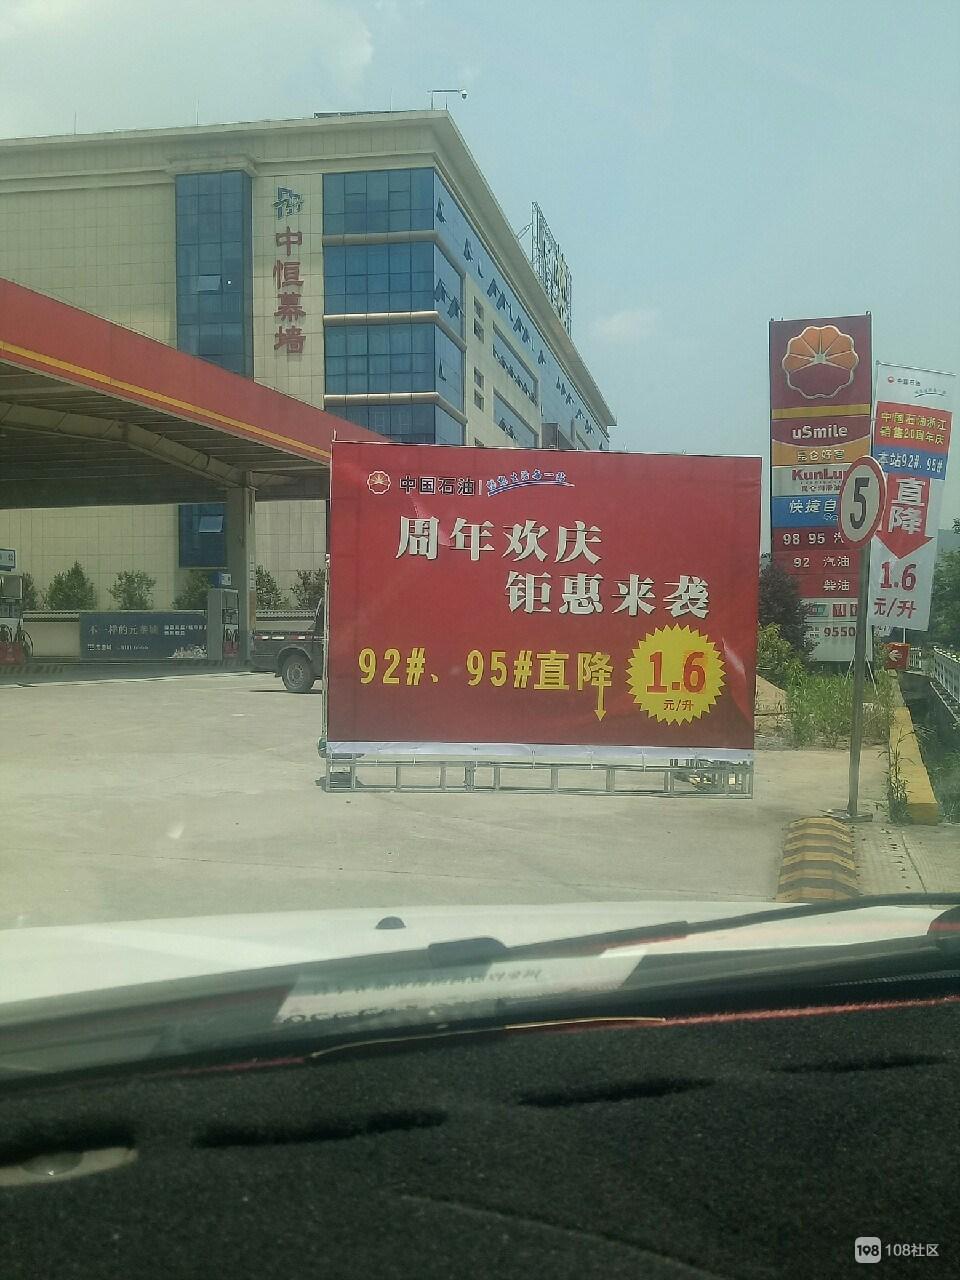 这加油站究竟多暴利,做周年活动,汽油降价吓死人!